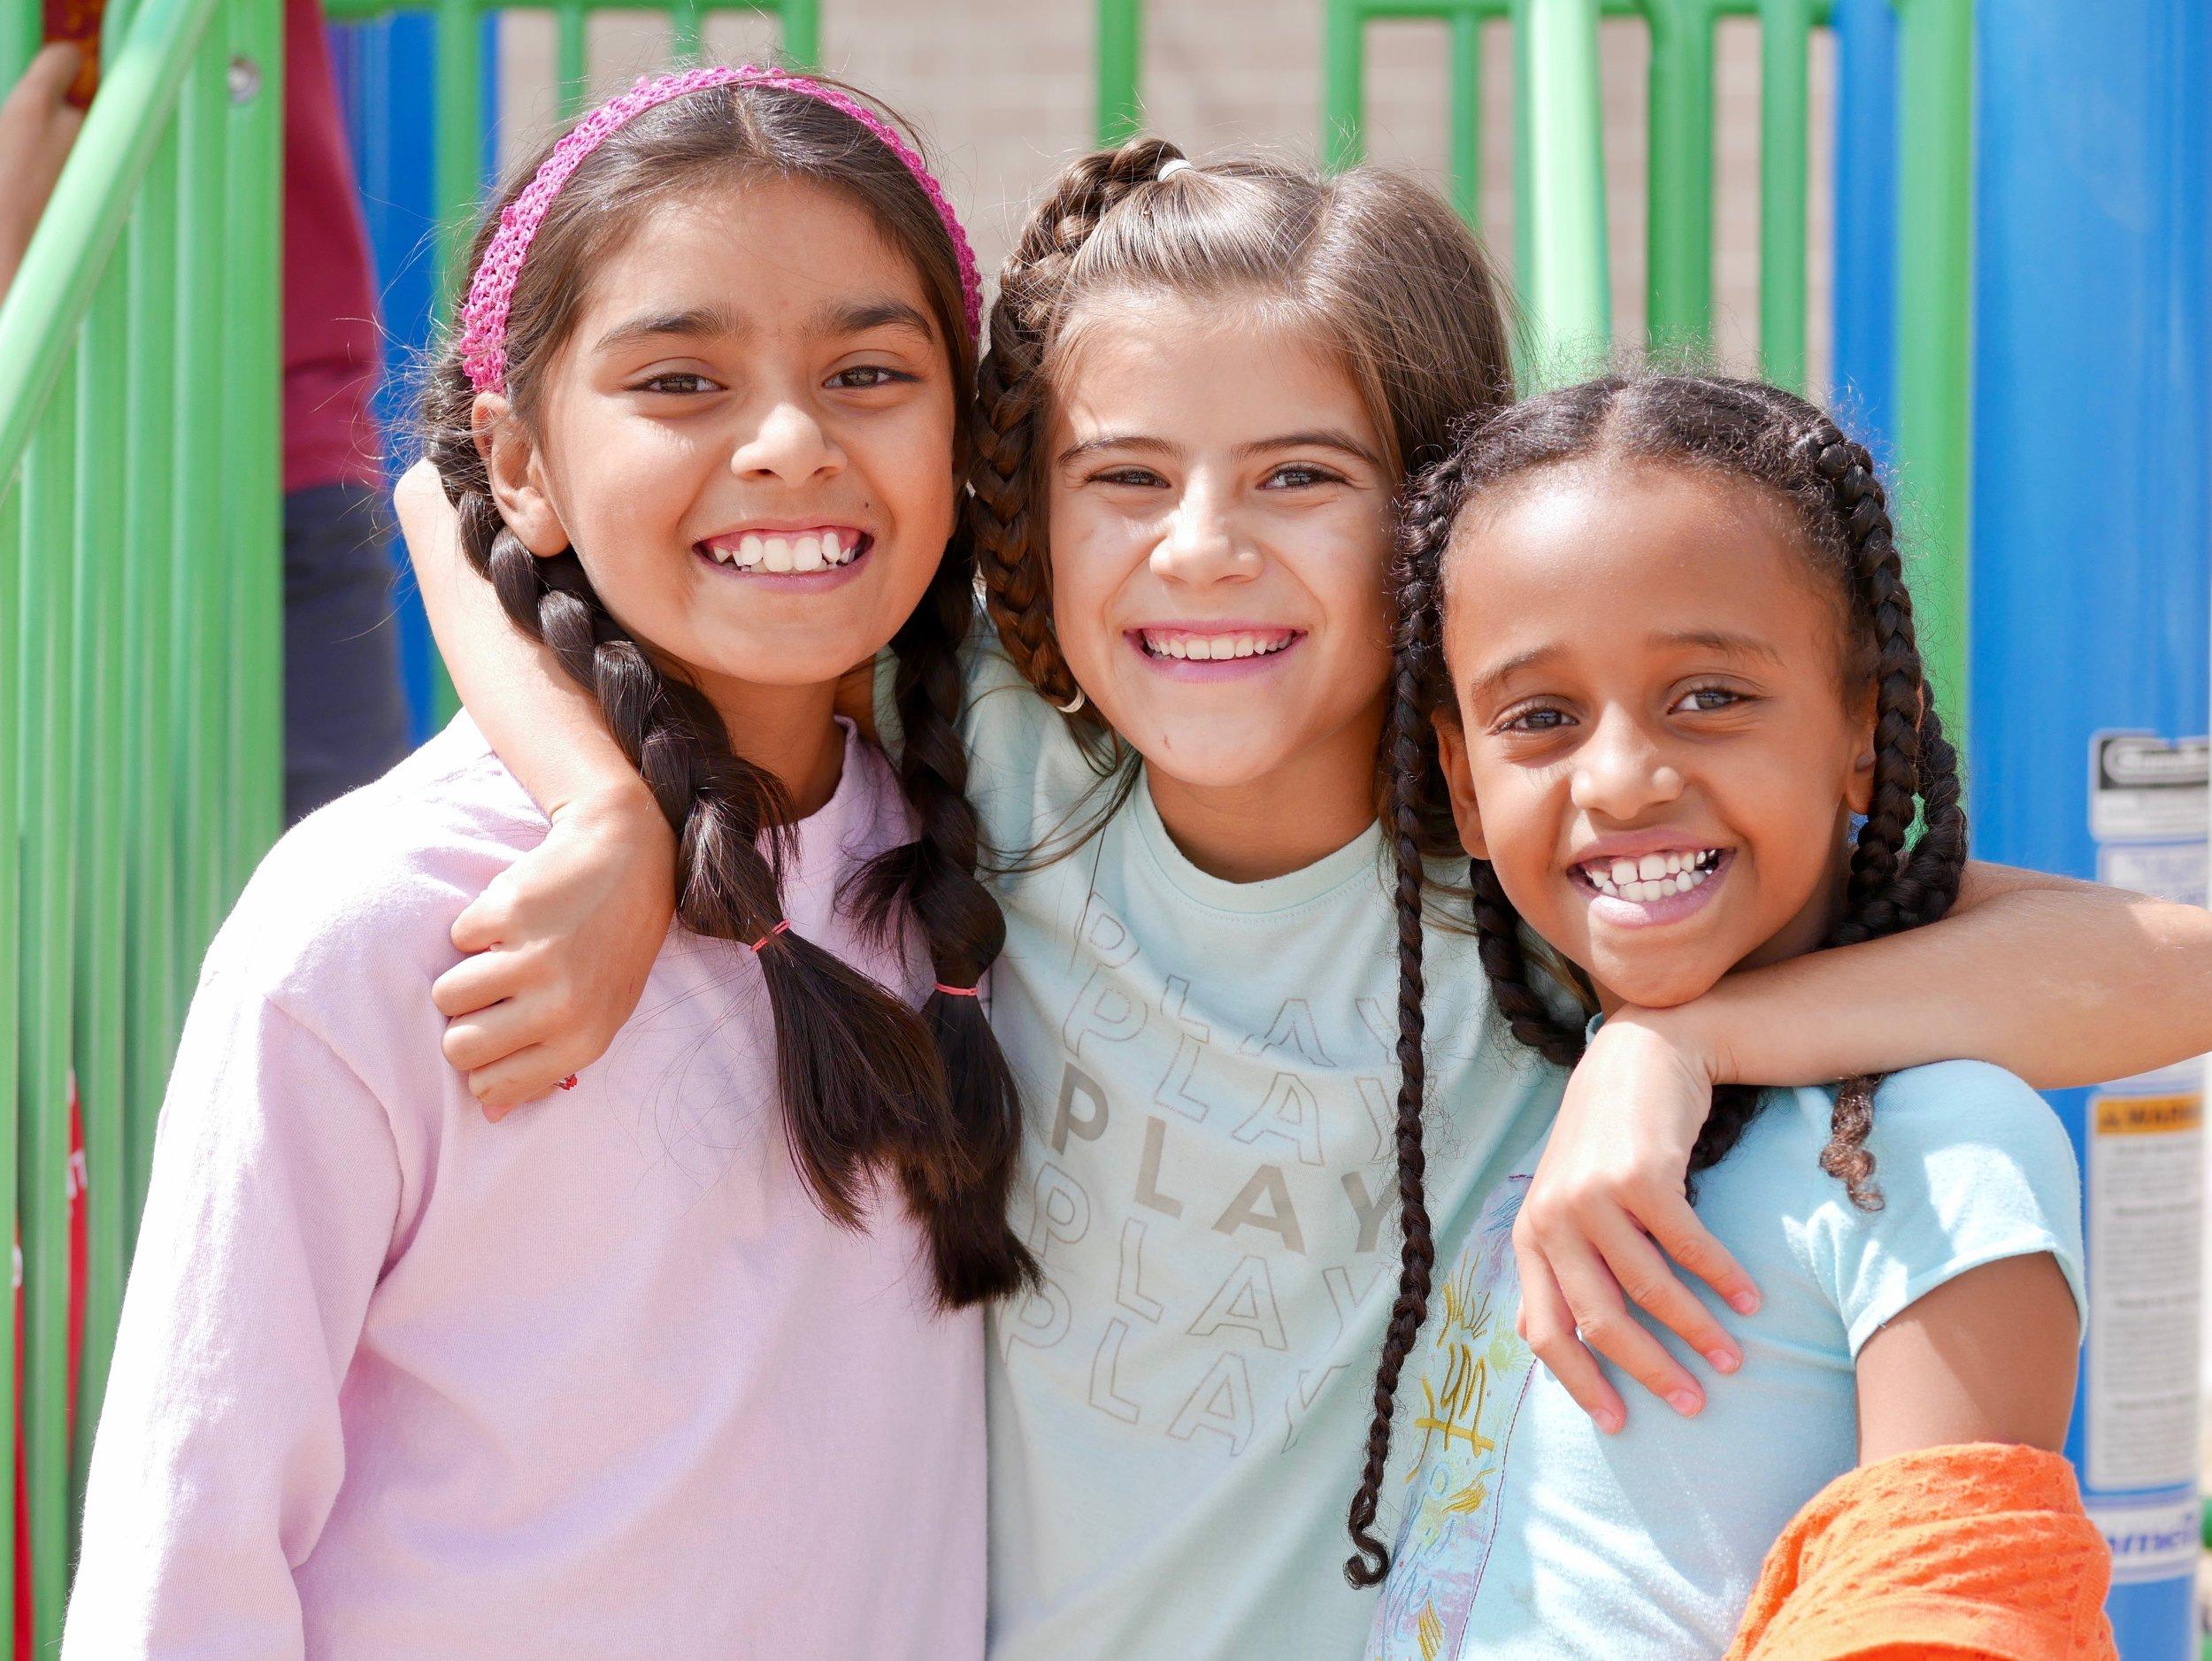 Three smiling girls at playground